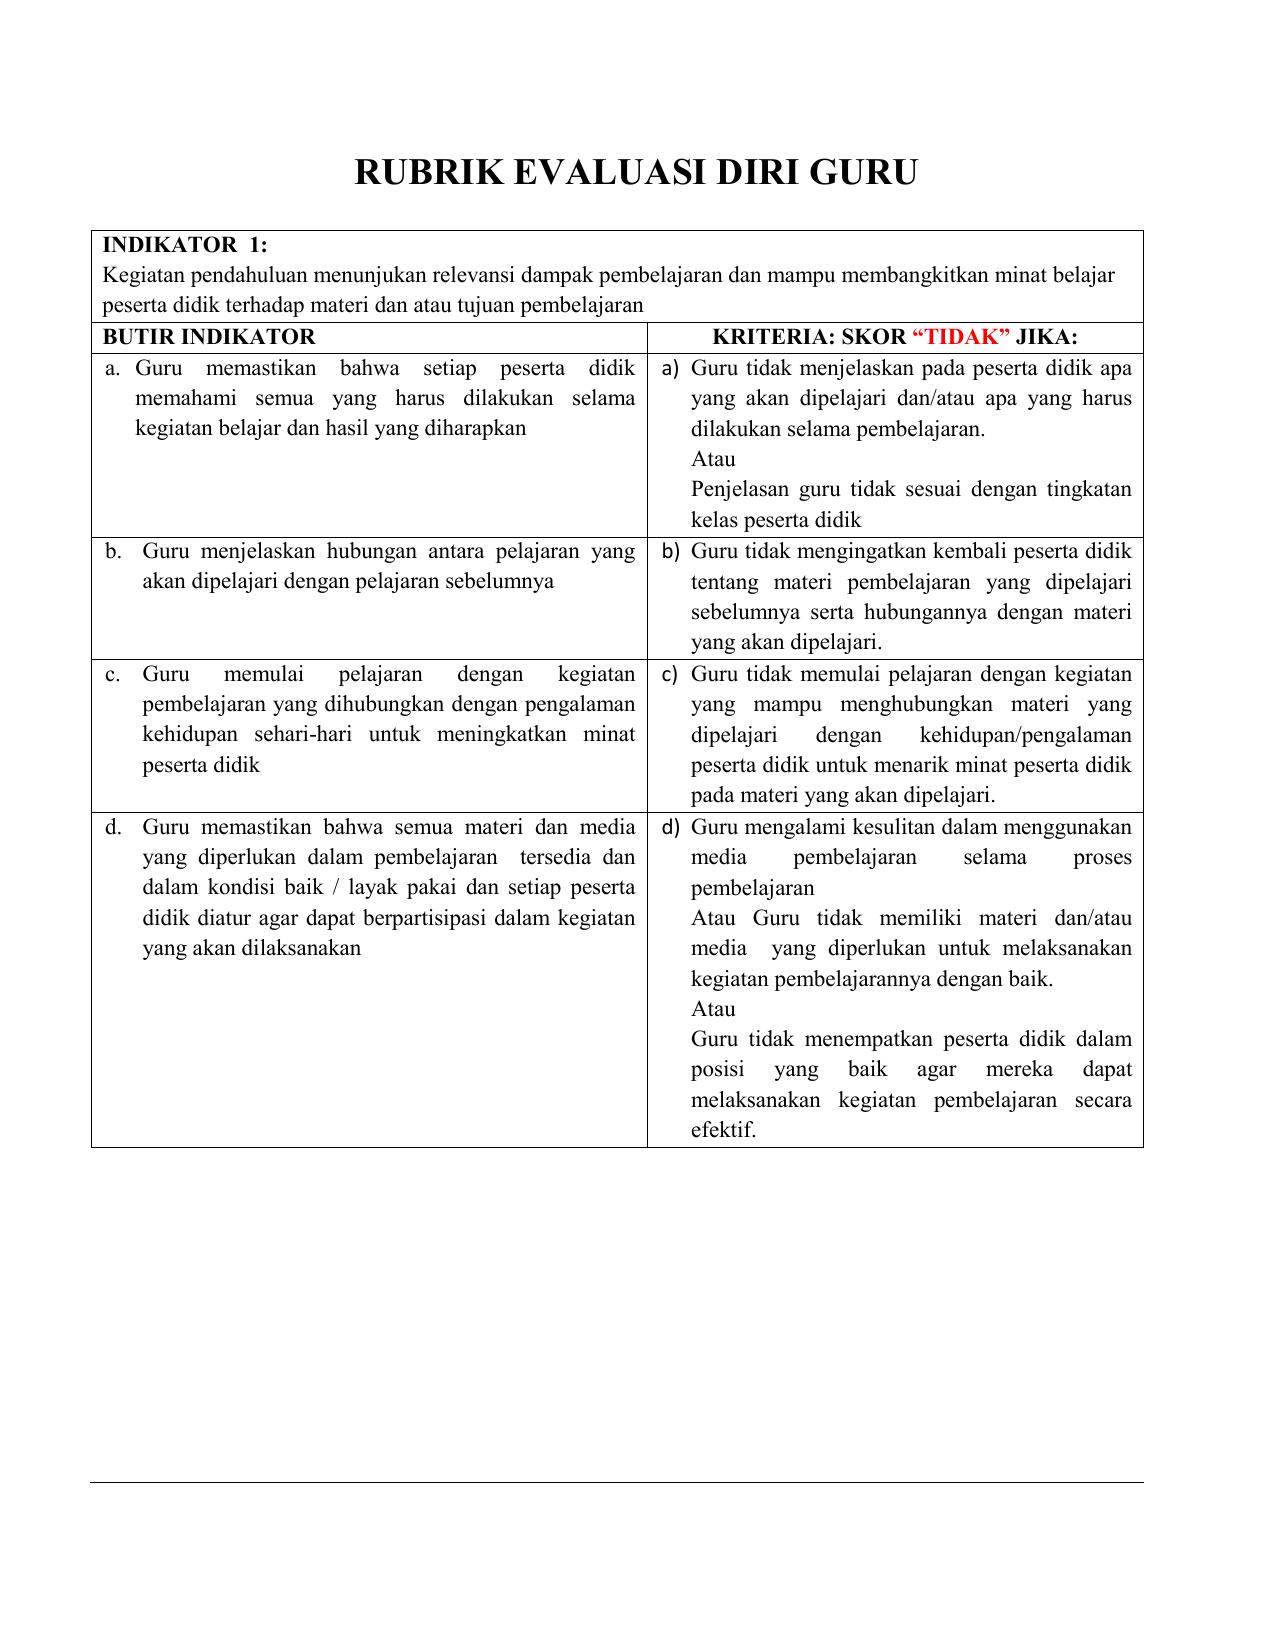 Rubrik Evaluasi Diri Guru Kkg Bermutu 04 Rambipuji